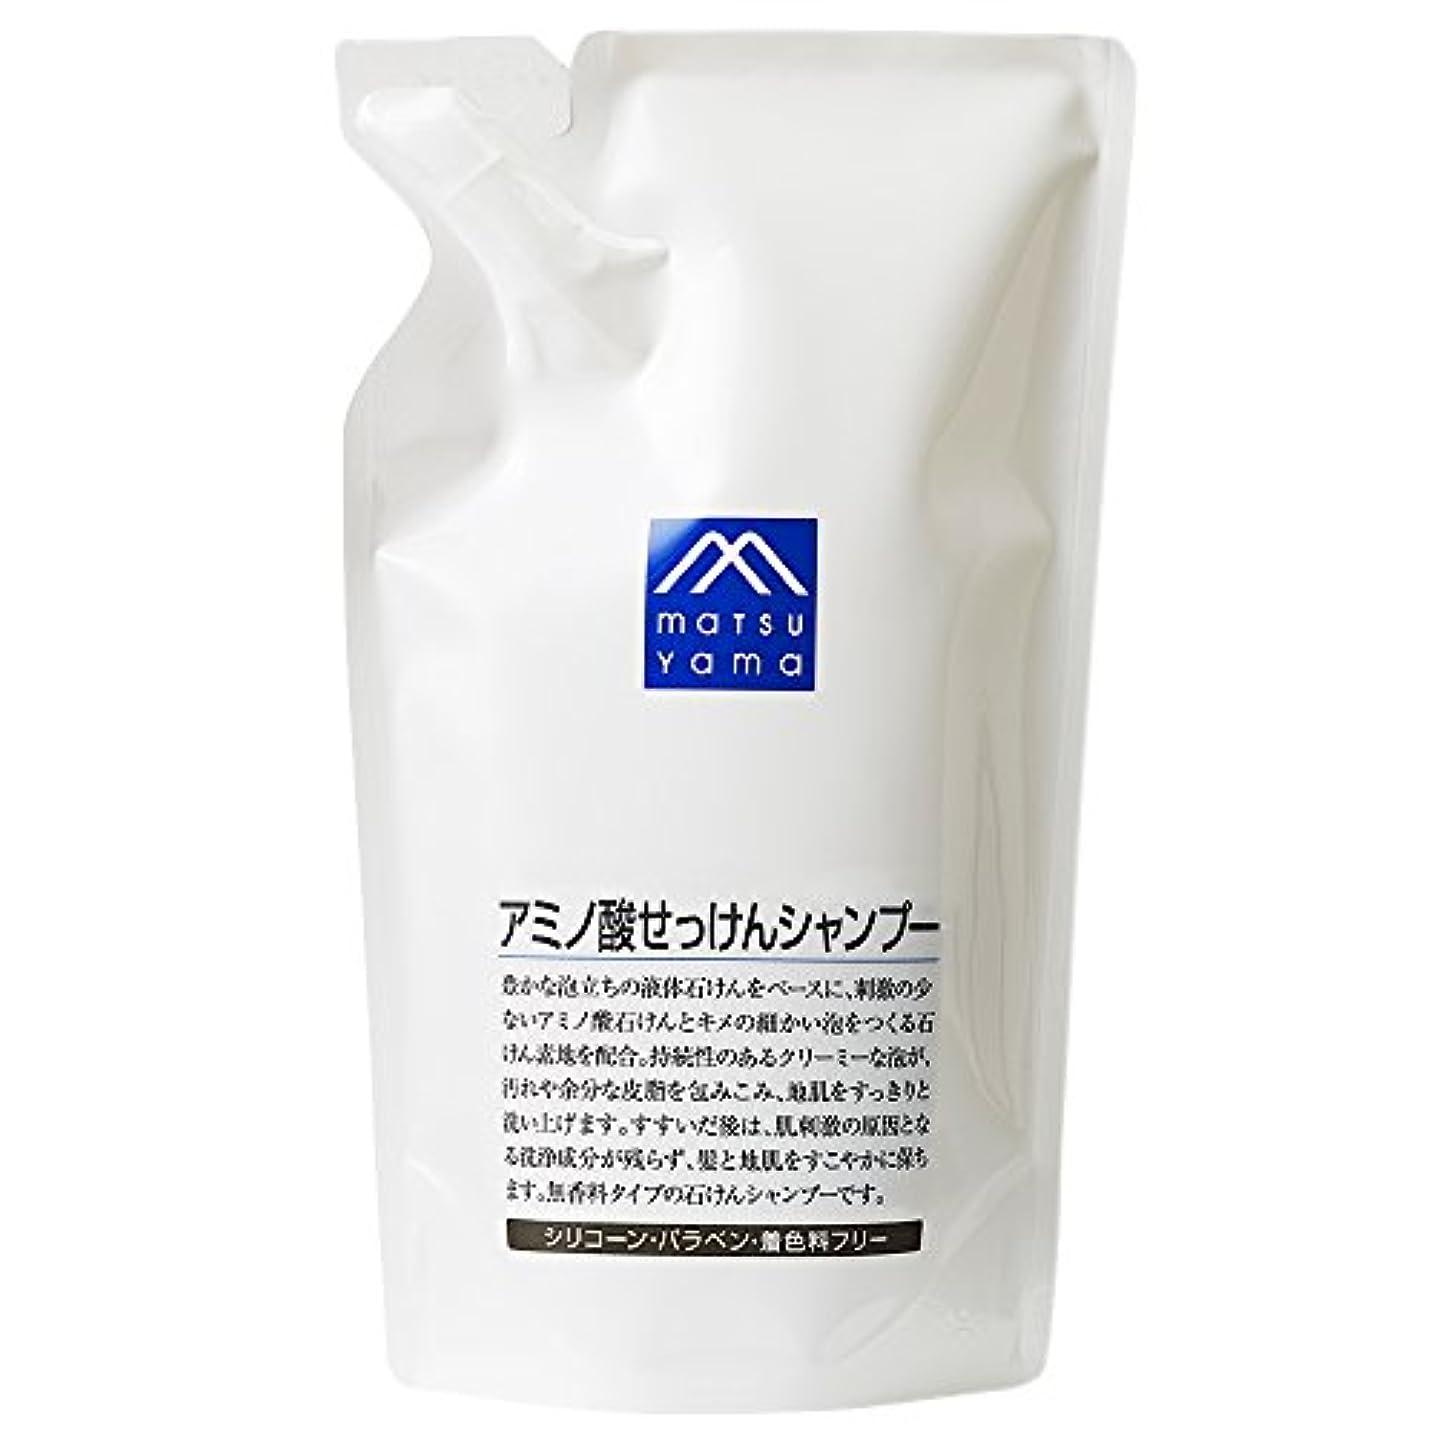 タイルきれいに同一性M-mark アミノ酸せっけんシャンプー 詰替用